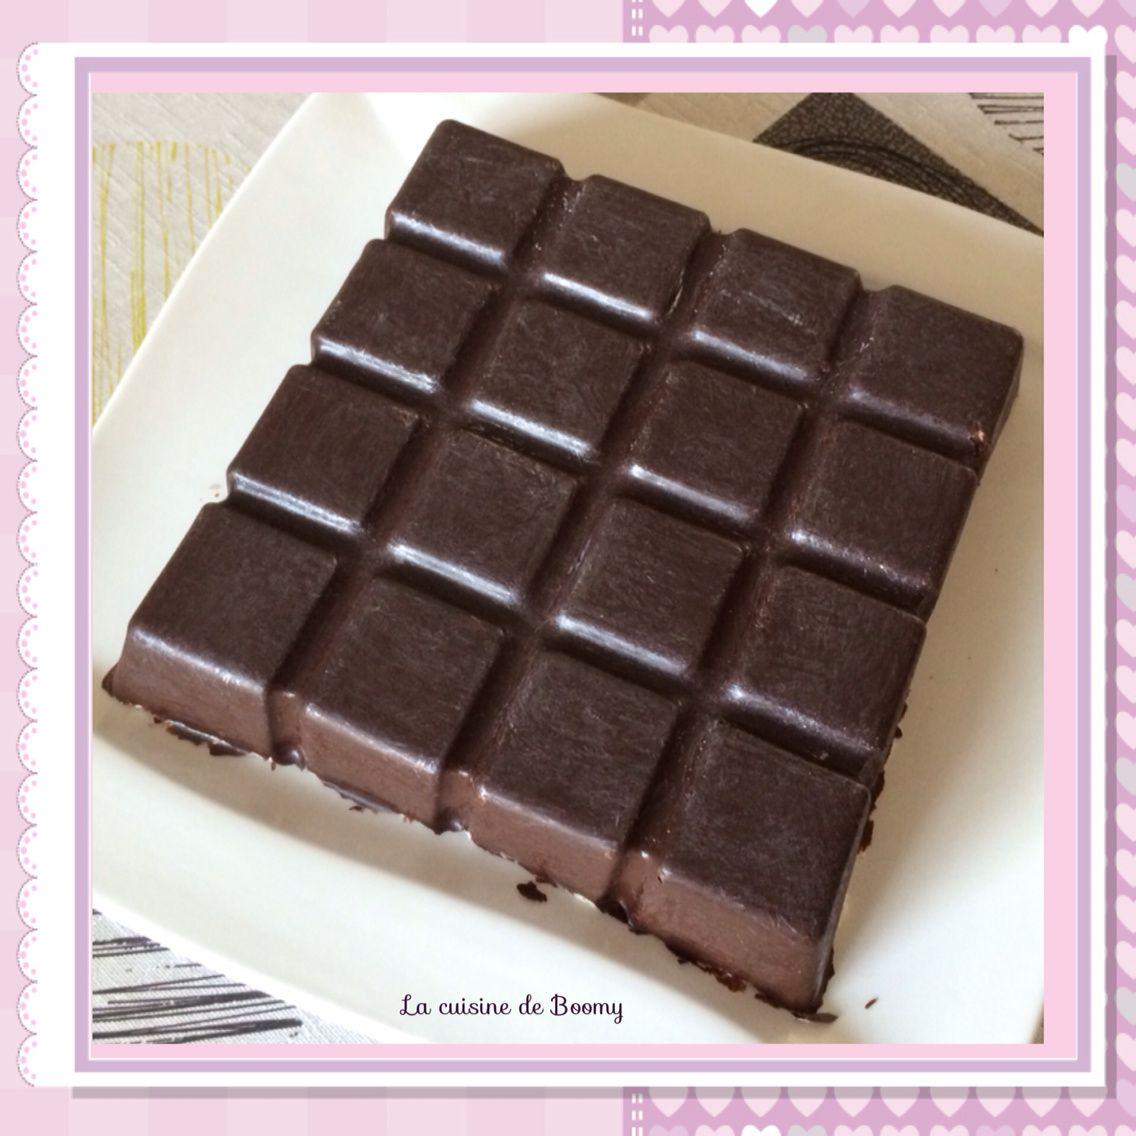 Croustifondant aux 2 chocolats